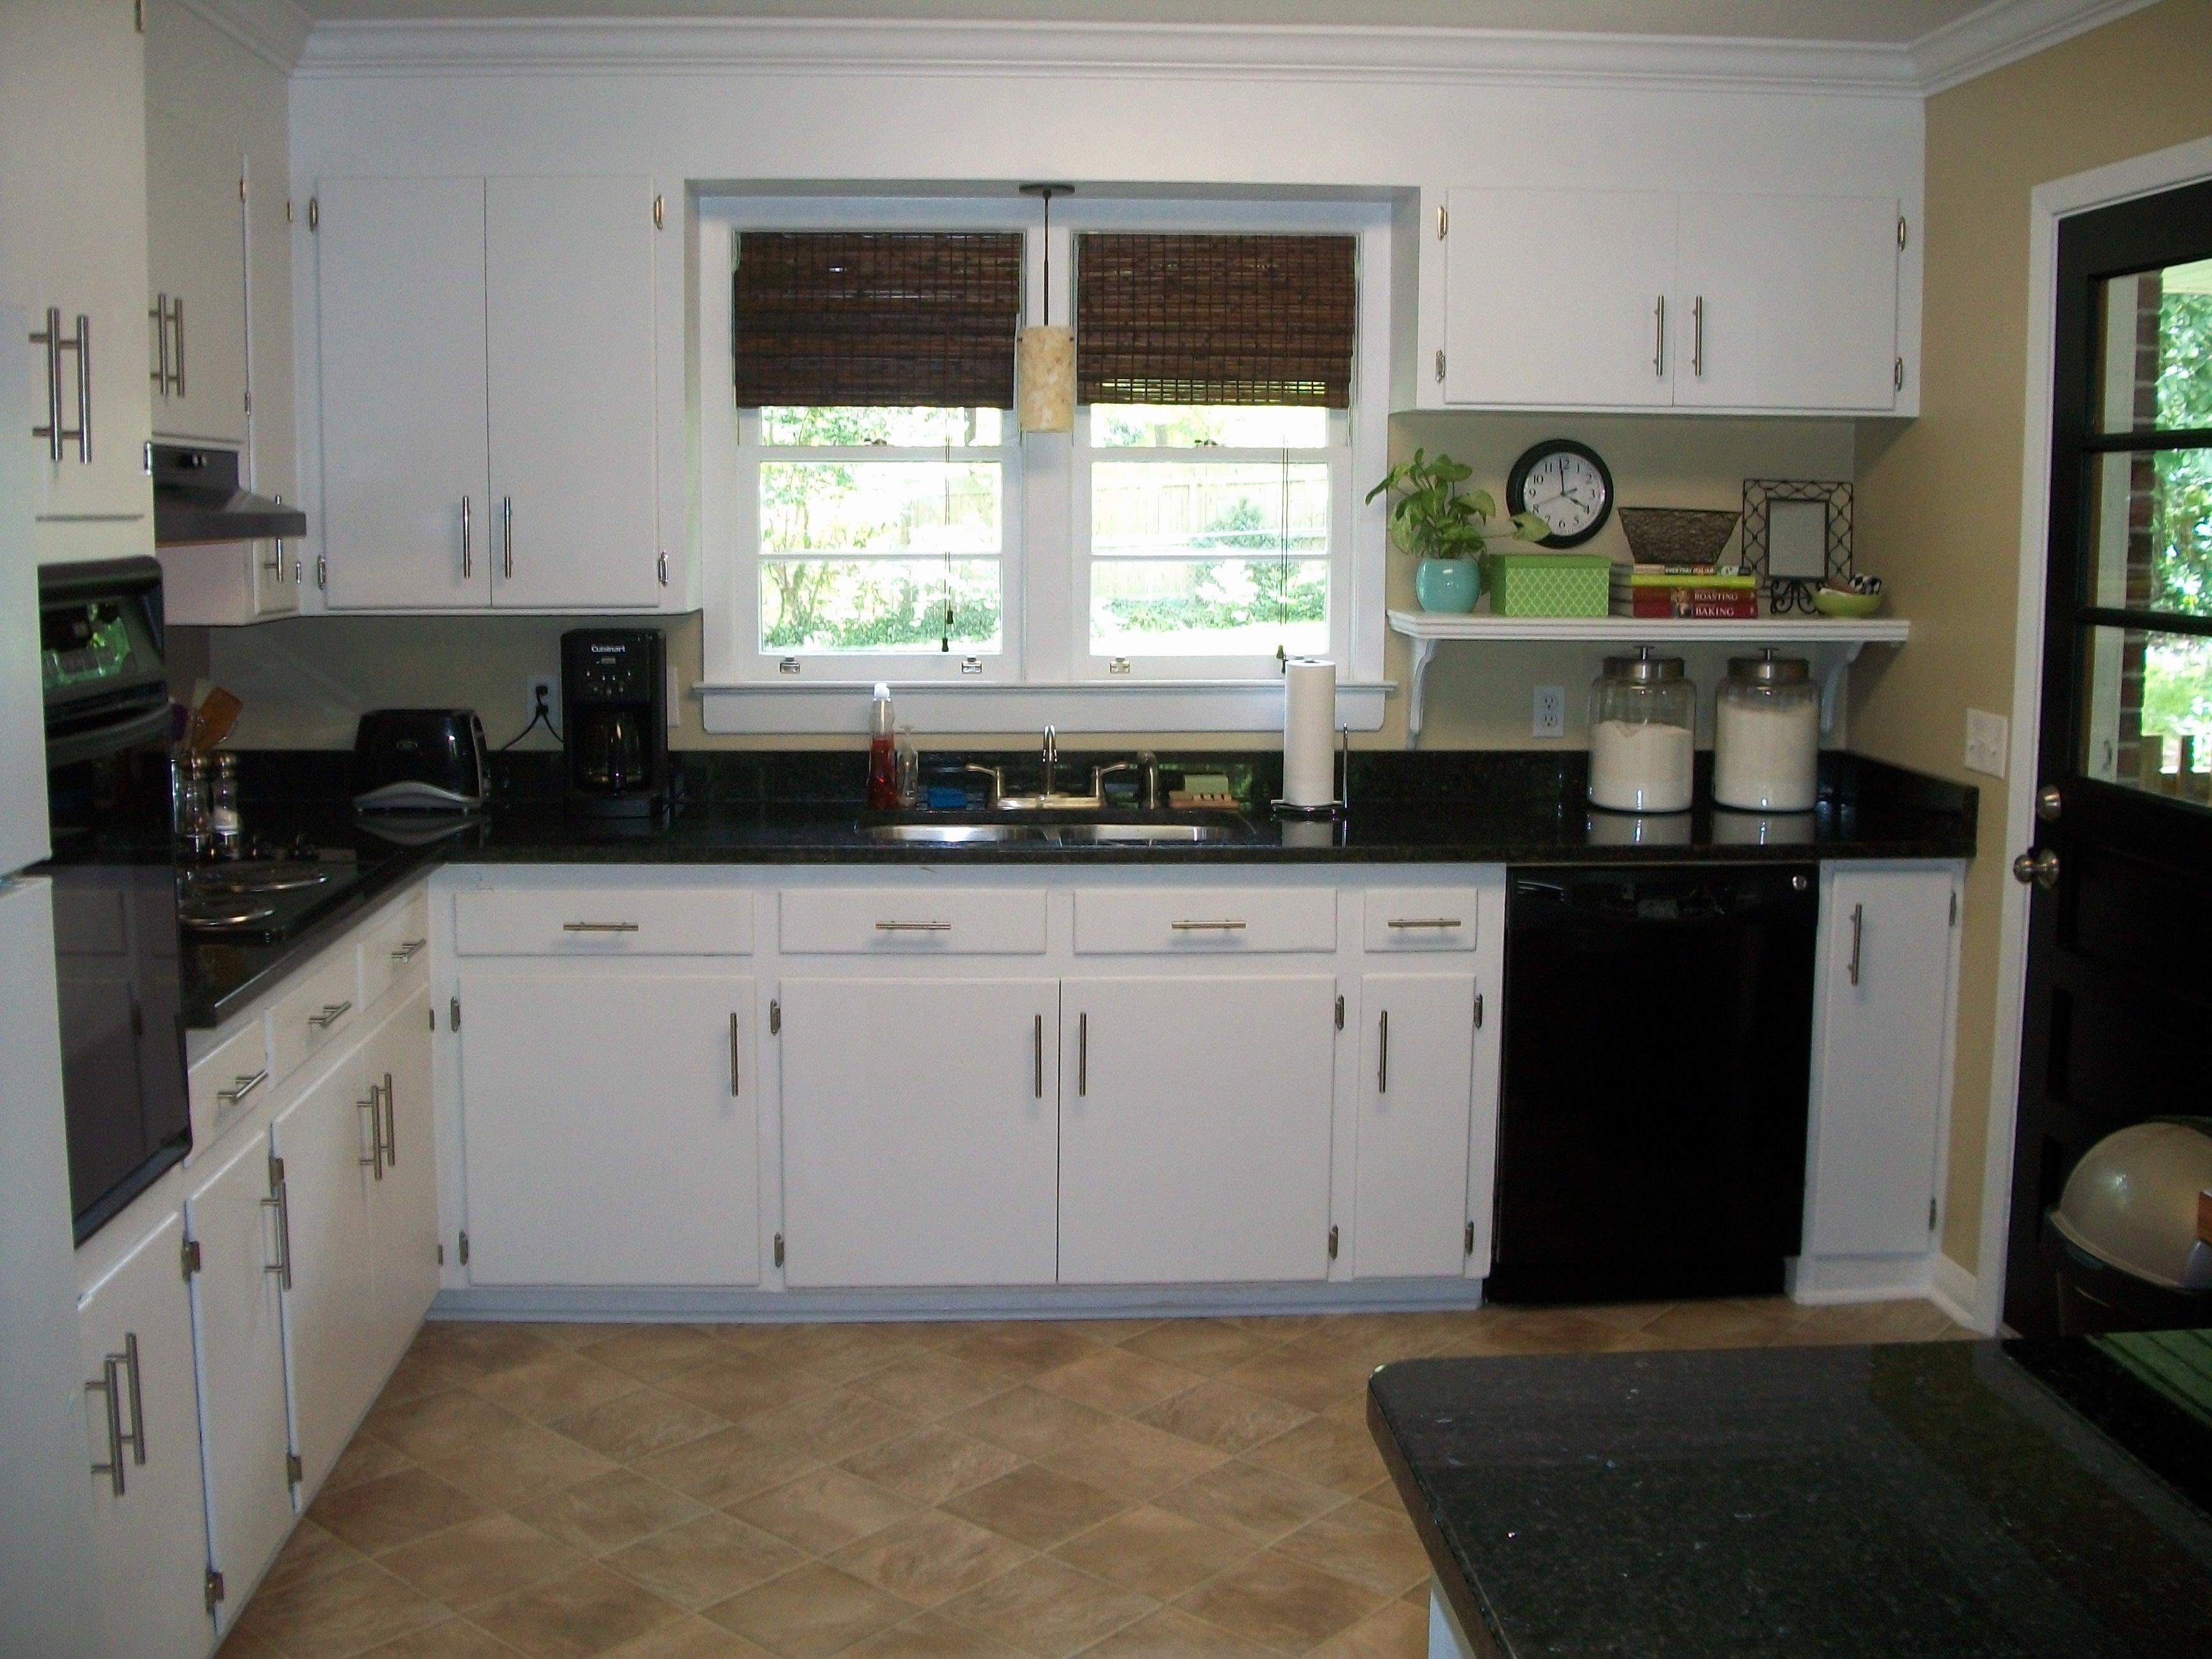 10 Unique Small U Shaped Kitchen Remodel Ideas small l shaped kitchen remodel ideas best of modern simple small u 2021